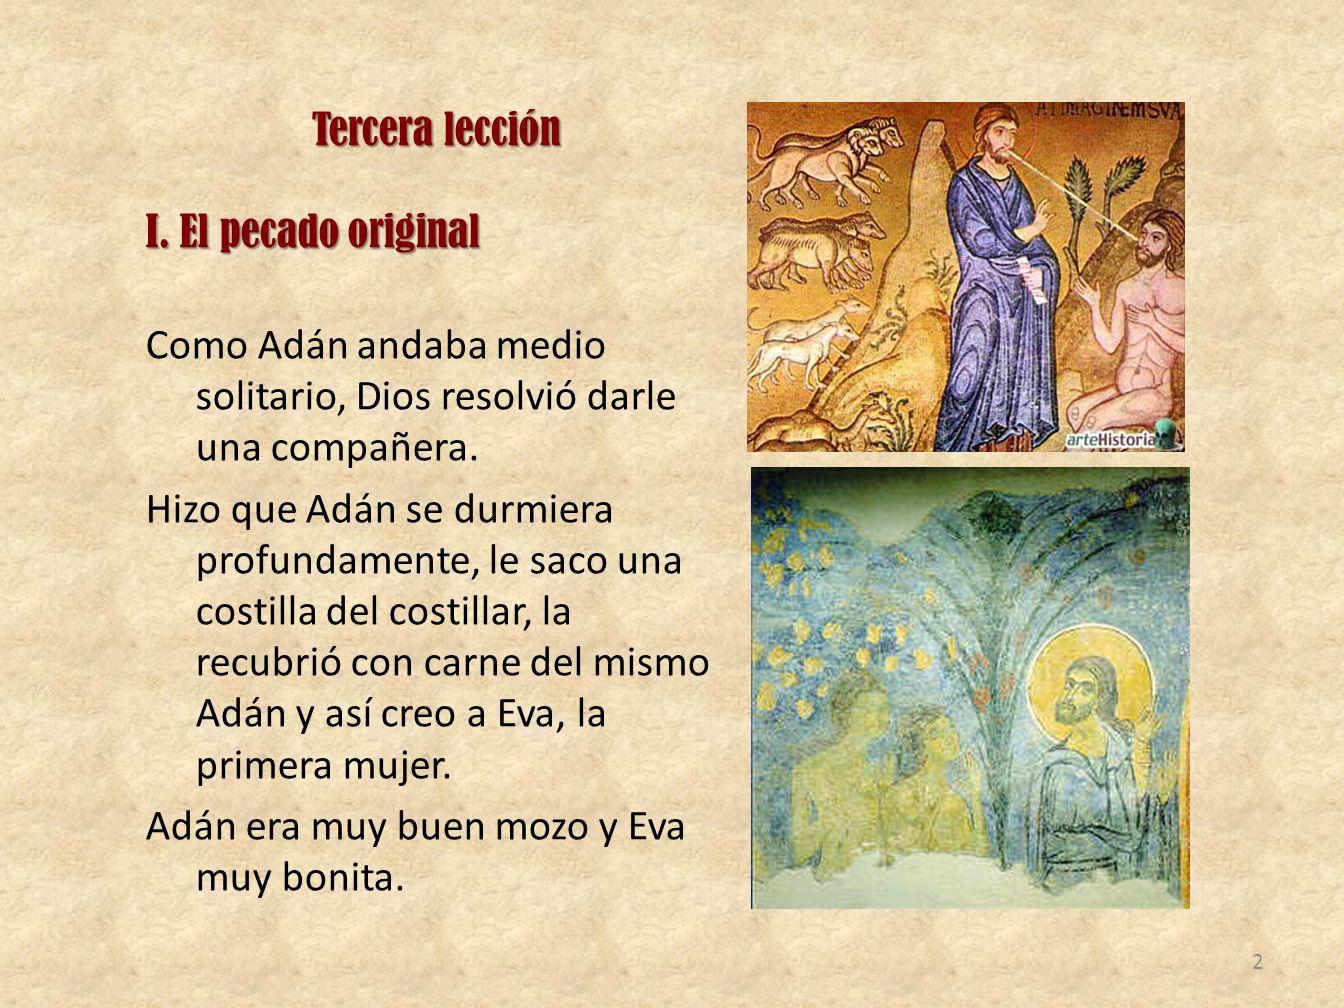 Tercera lección I. El pecado original. Como Adán andaba medio solitario, Dios resolvió darle una compañera.